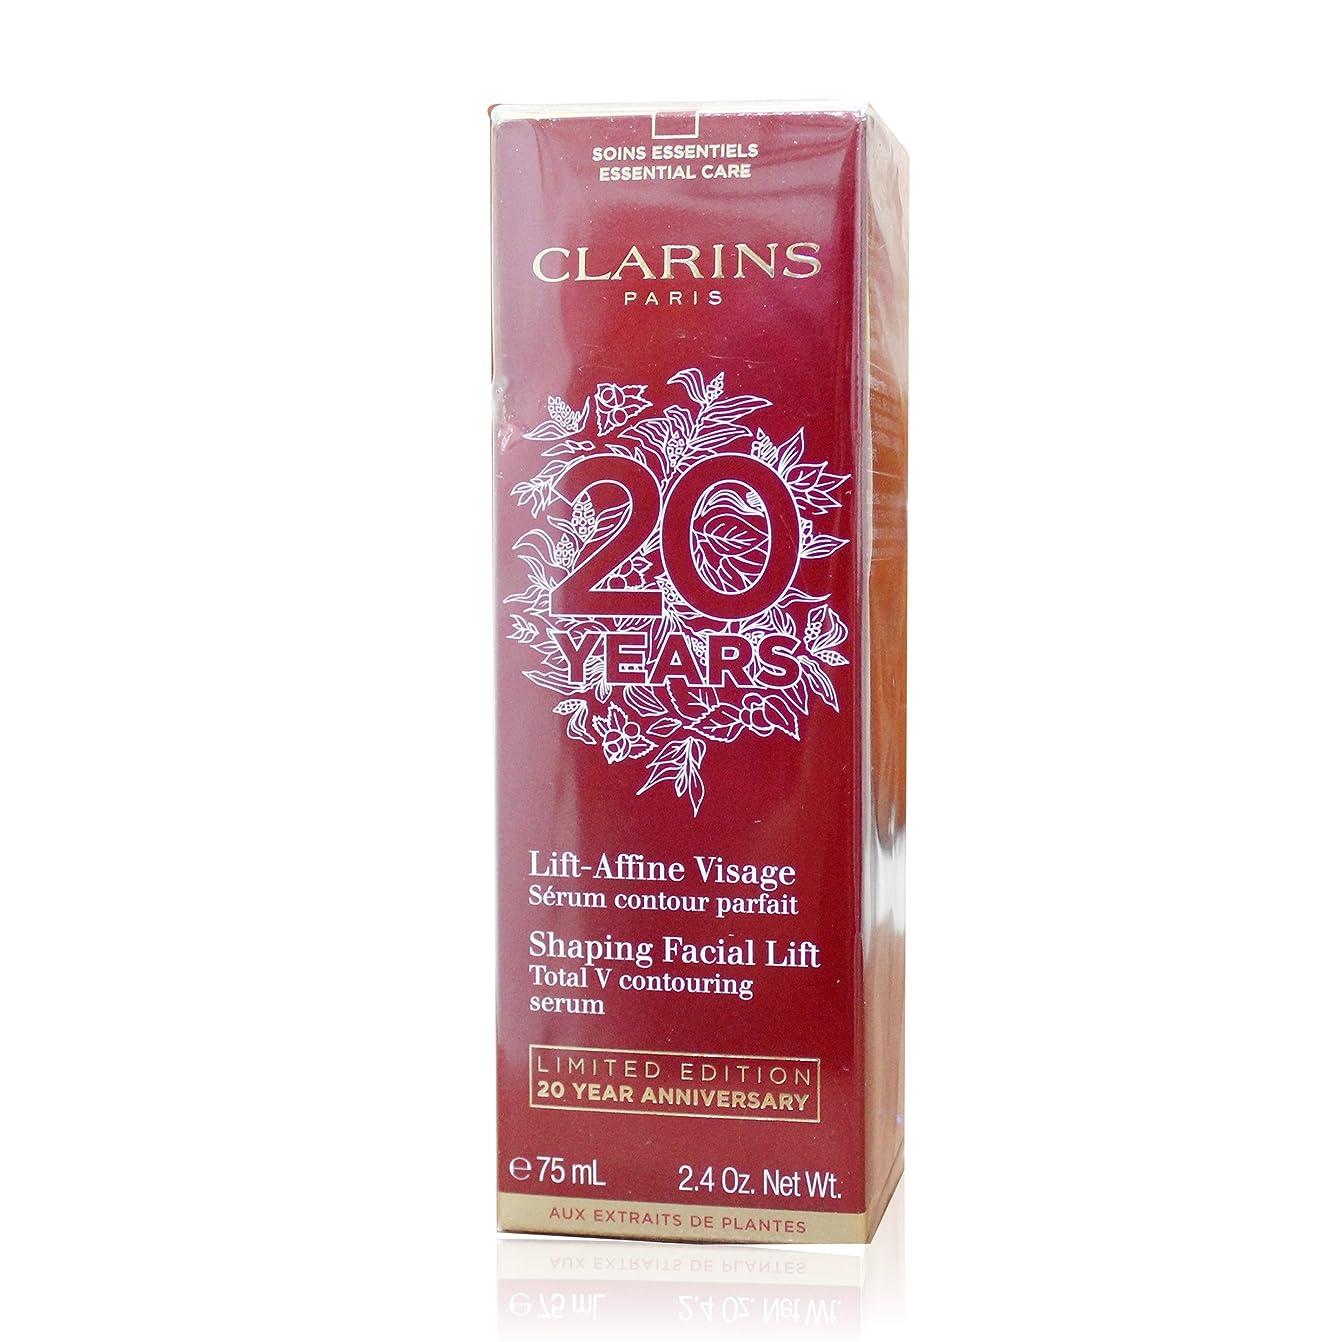 出席ベール素晴らしい良い多くの【CLARINS(クラランス) 】トータル V セラム 20周年デザイン_美容液 [並行輸入品]